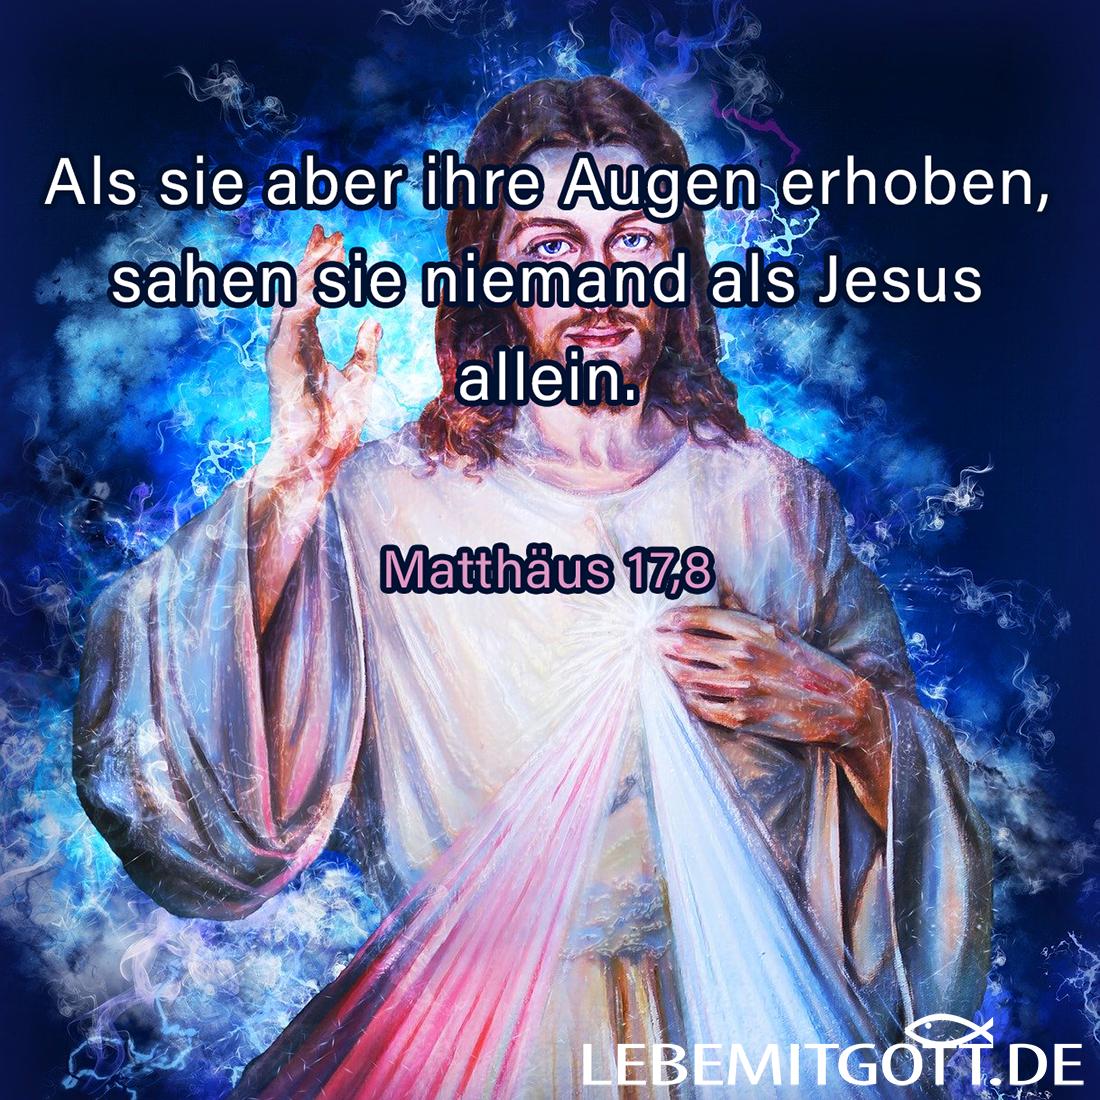 Jesus allein